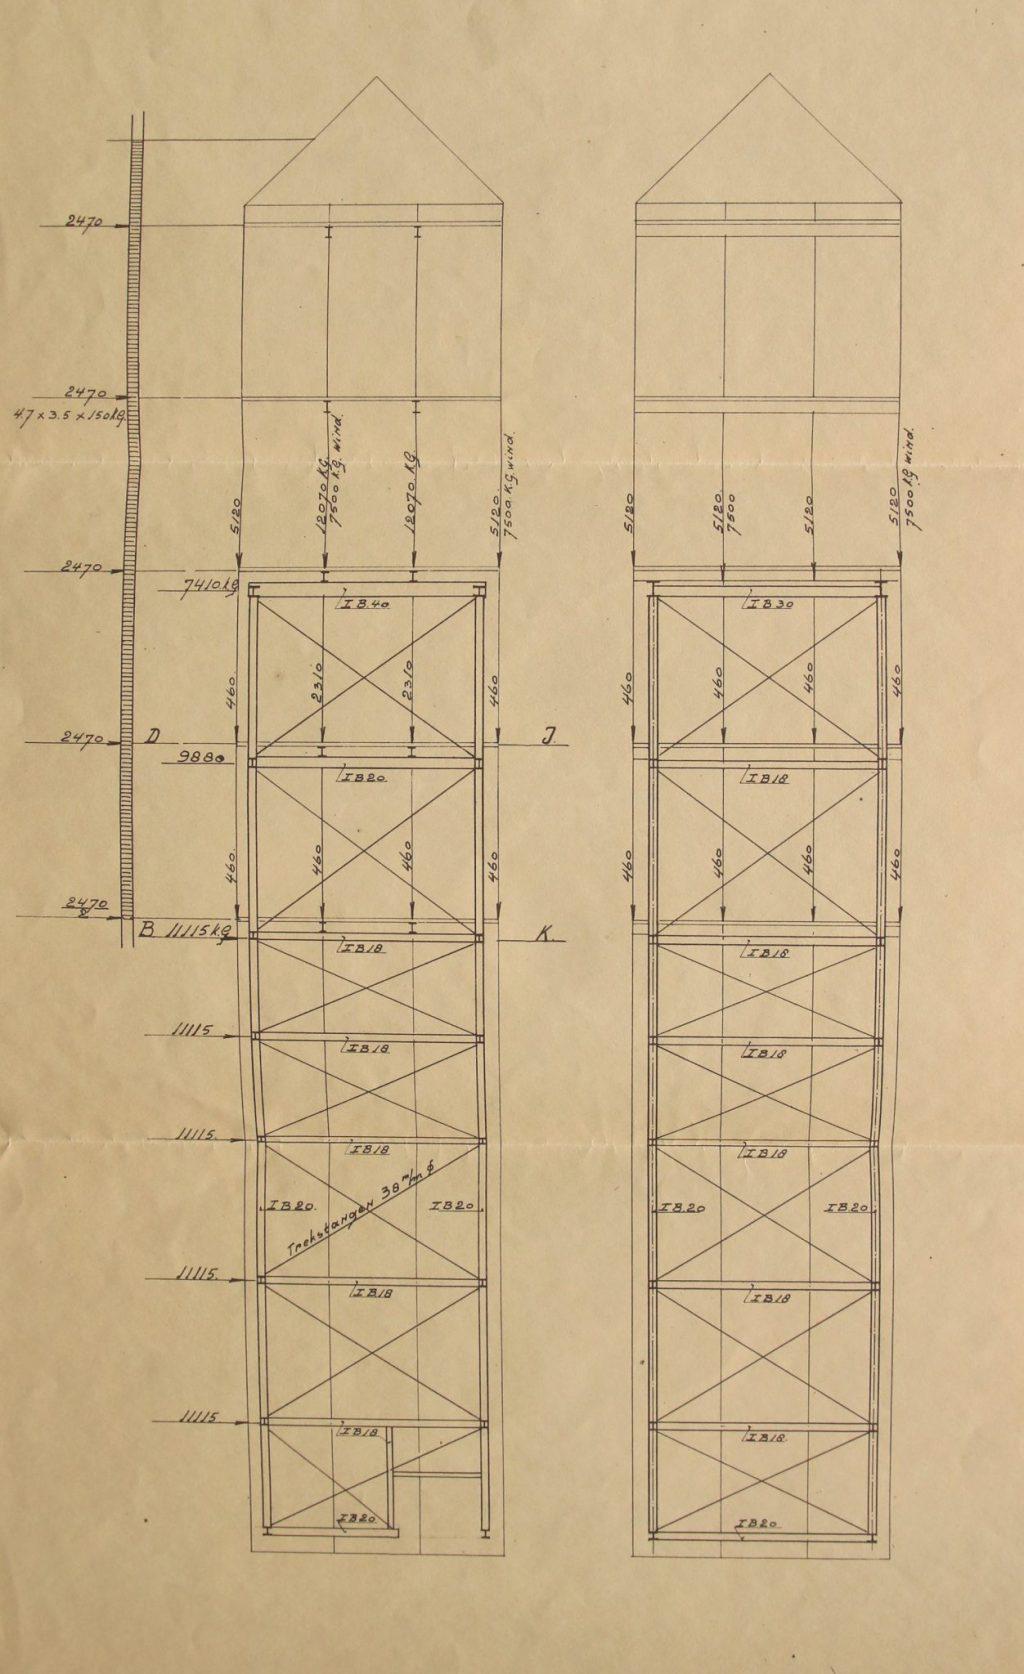 Stukken over de bouw van het silogebouw, 1915-1918 (Archief 182, inv.nr 280)